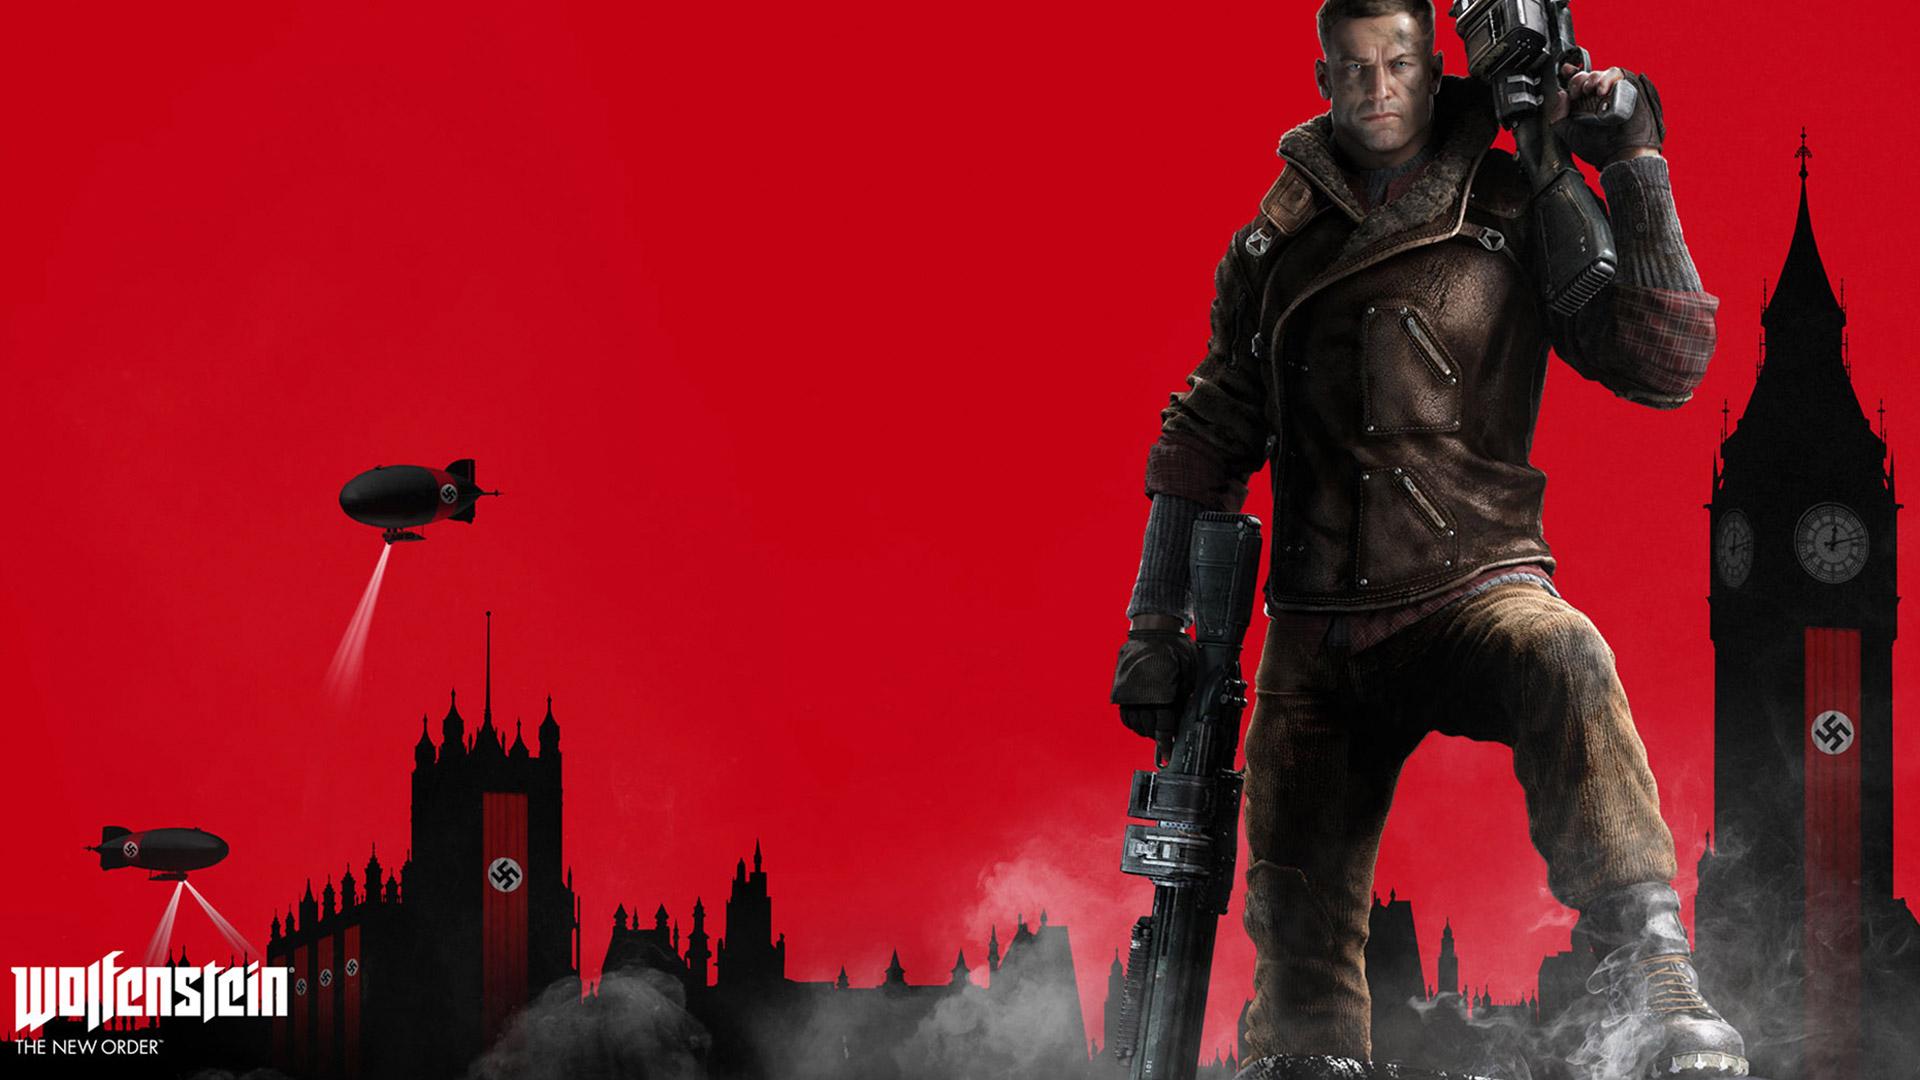 Wolfenstein The New Order wallpaper 4